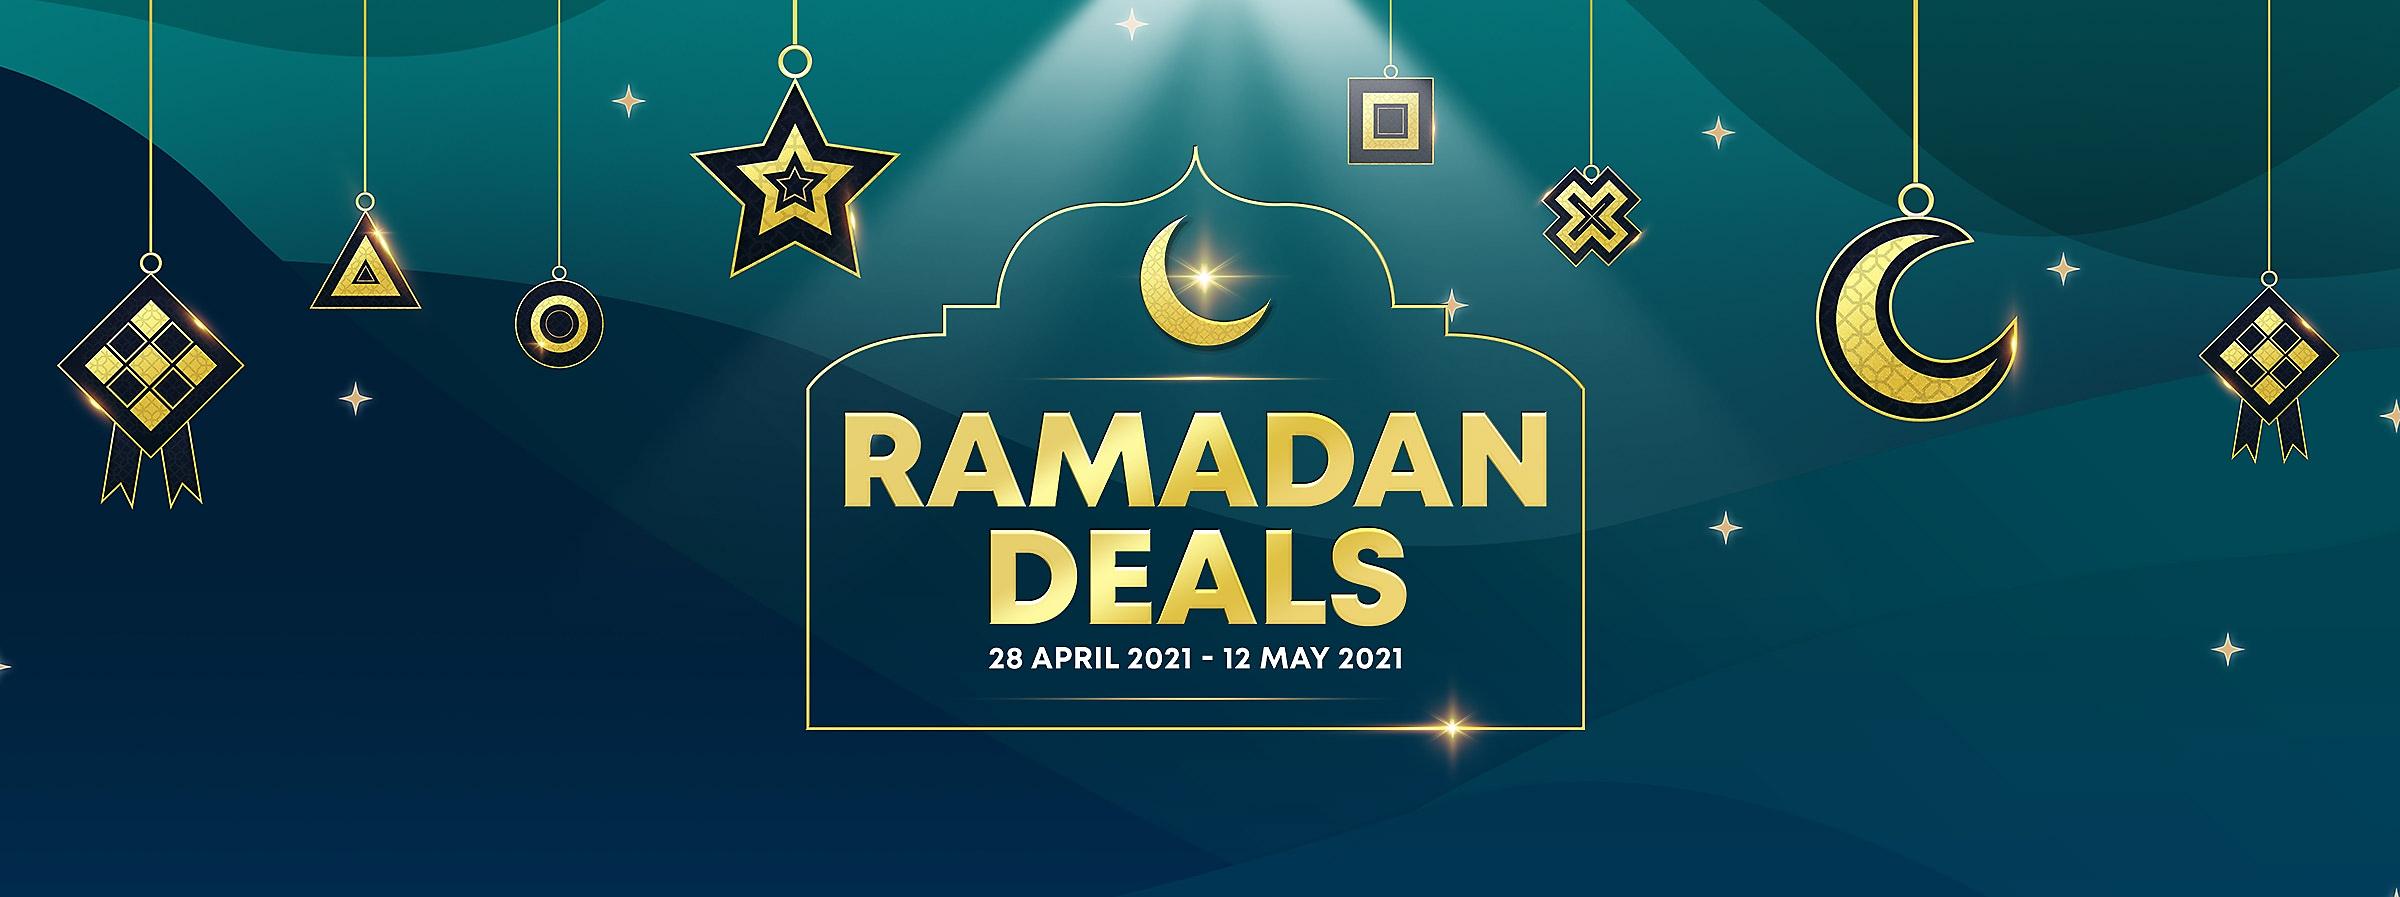 Ramadan Deals Key Visual